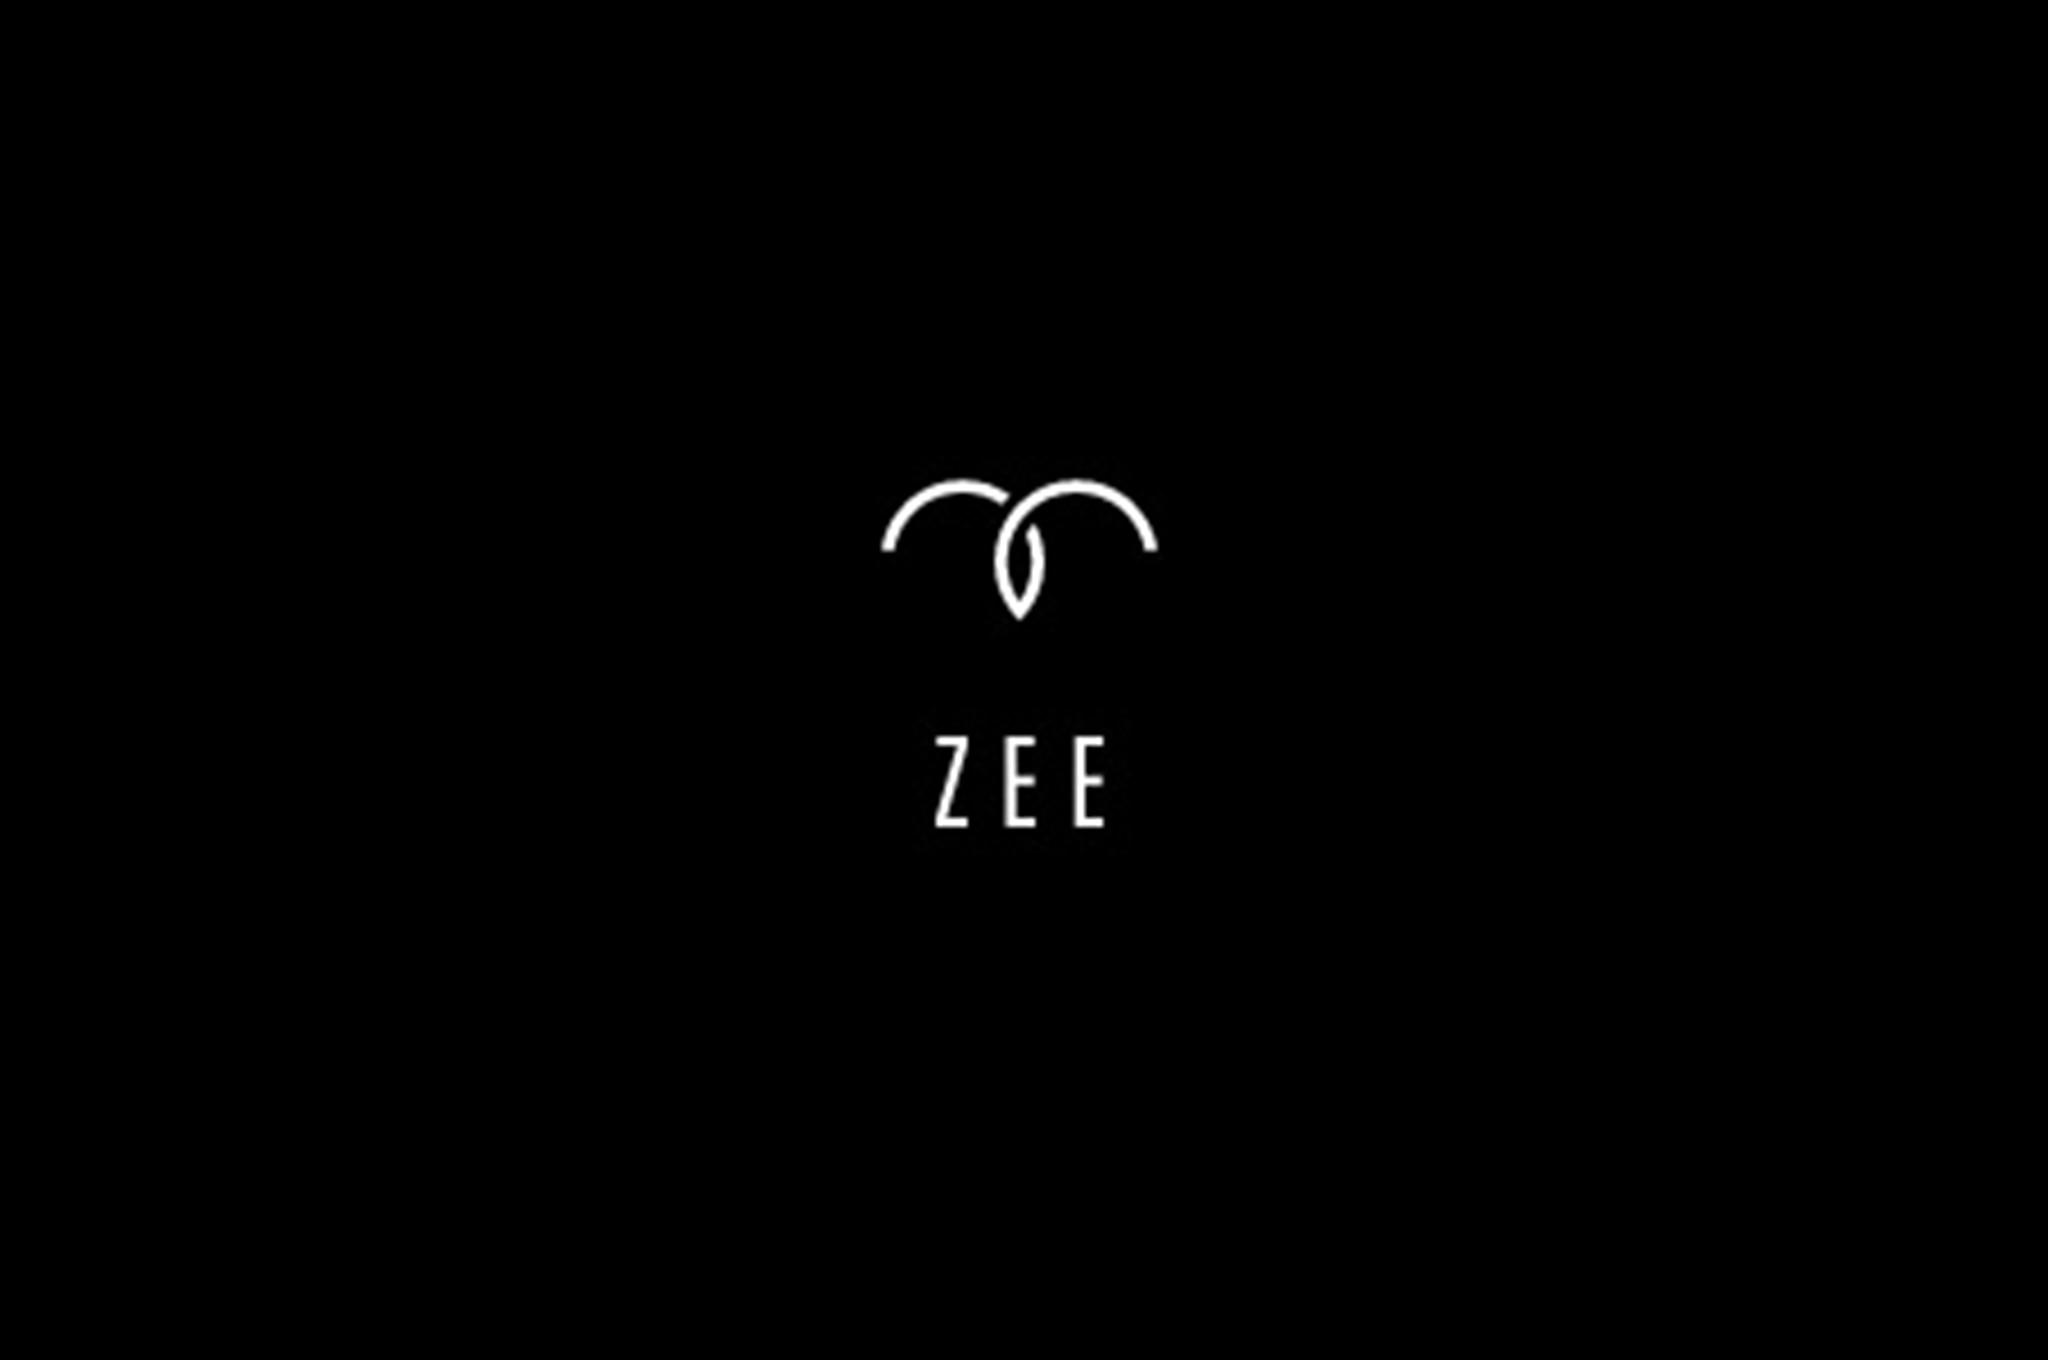 Zee Aero logo